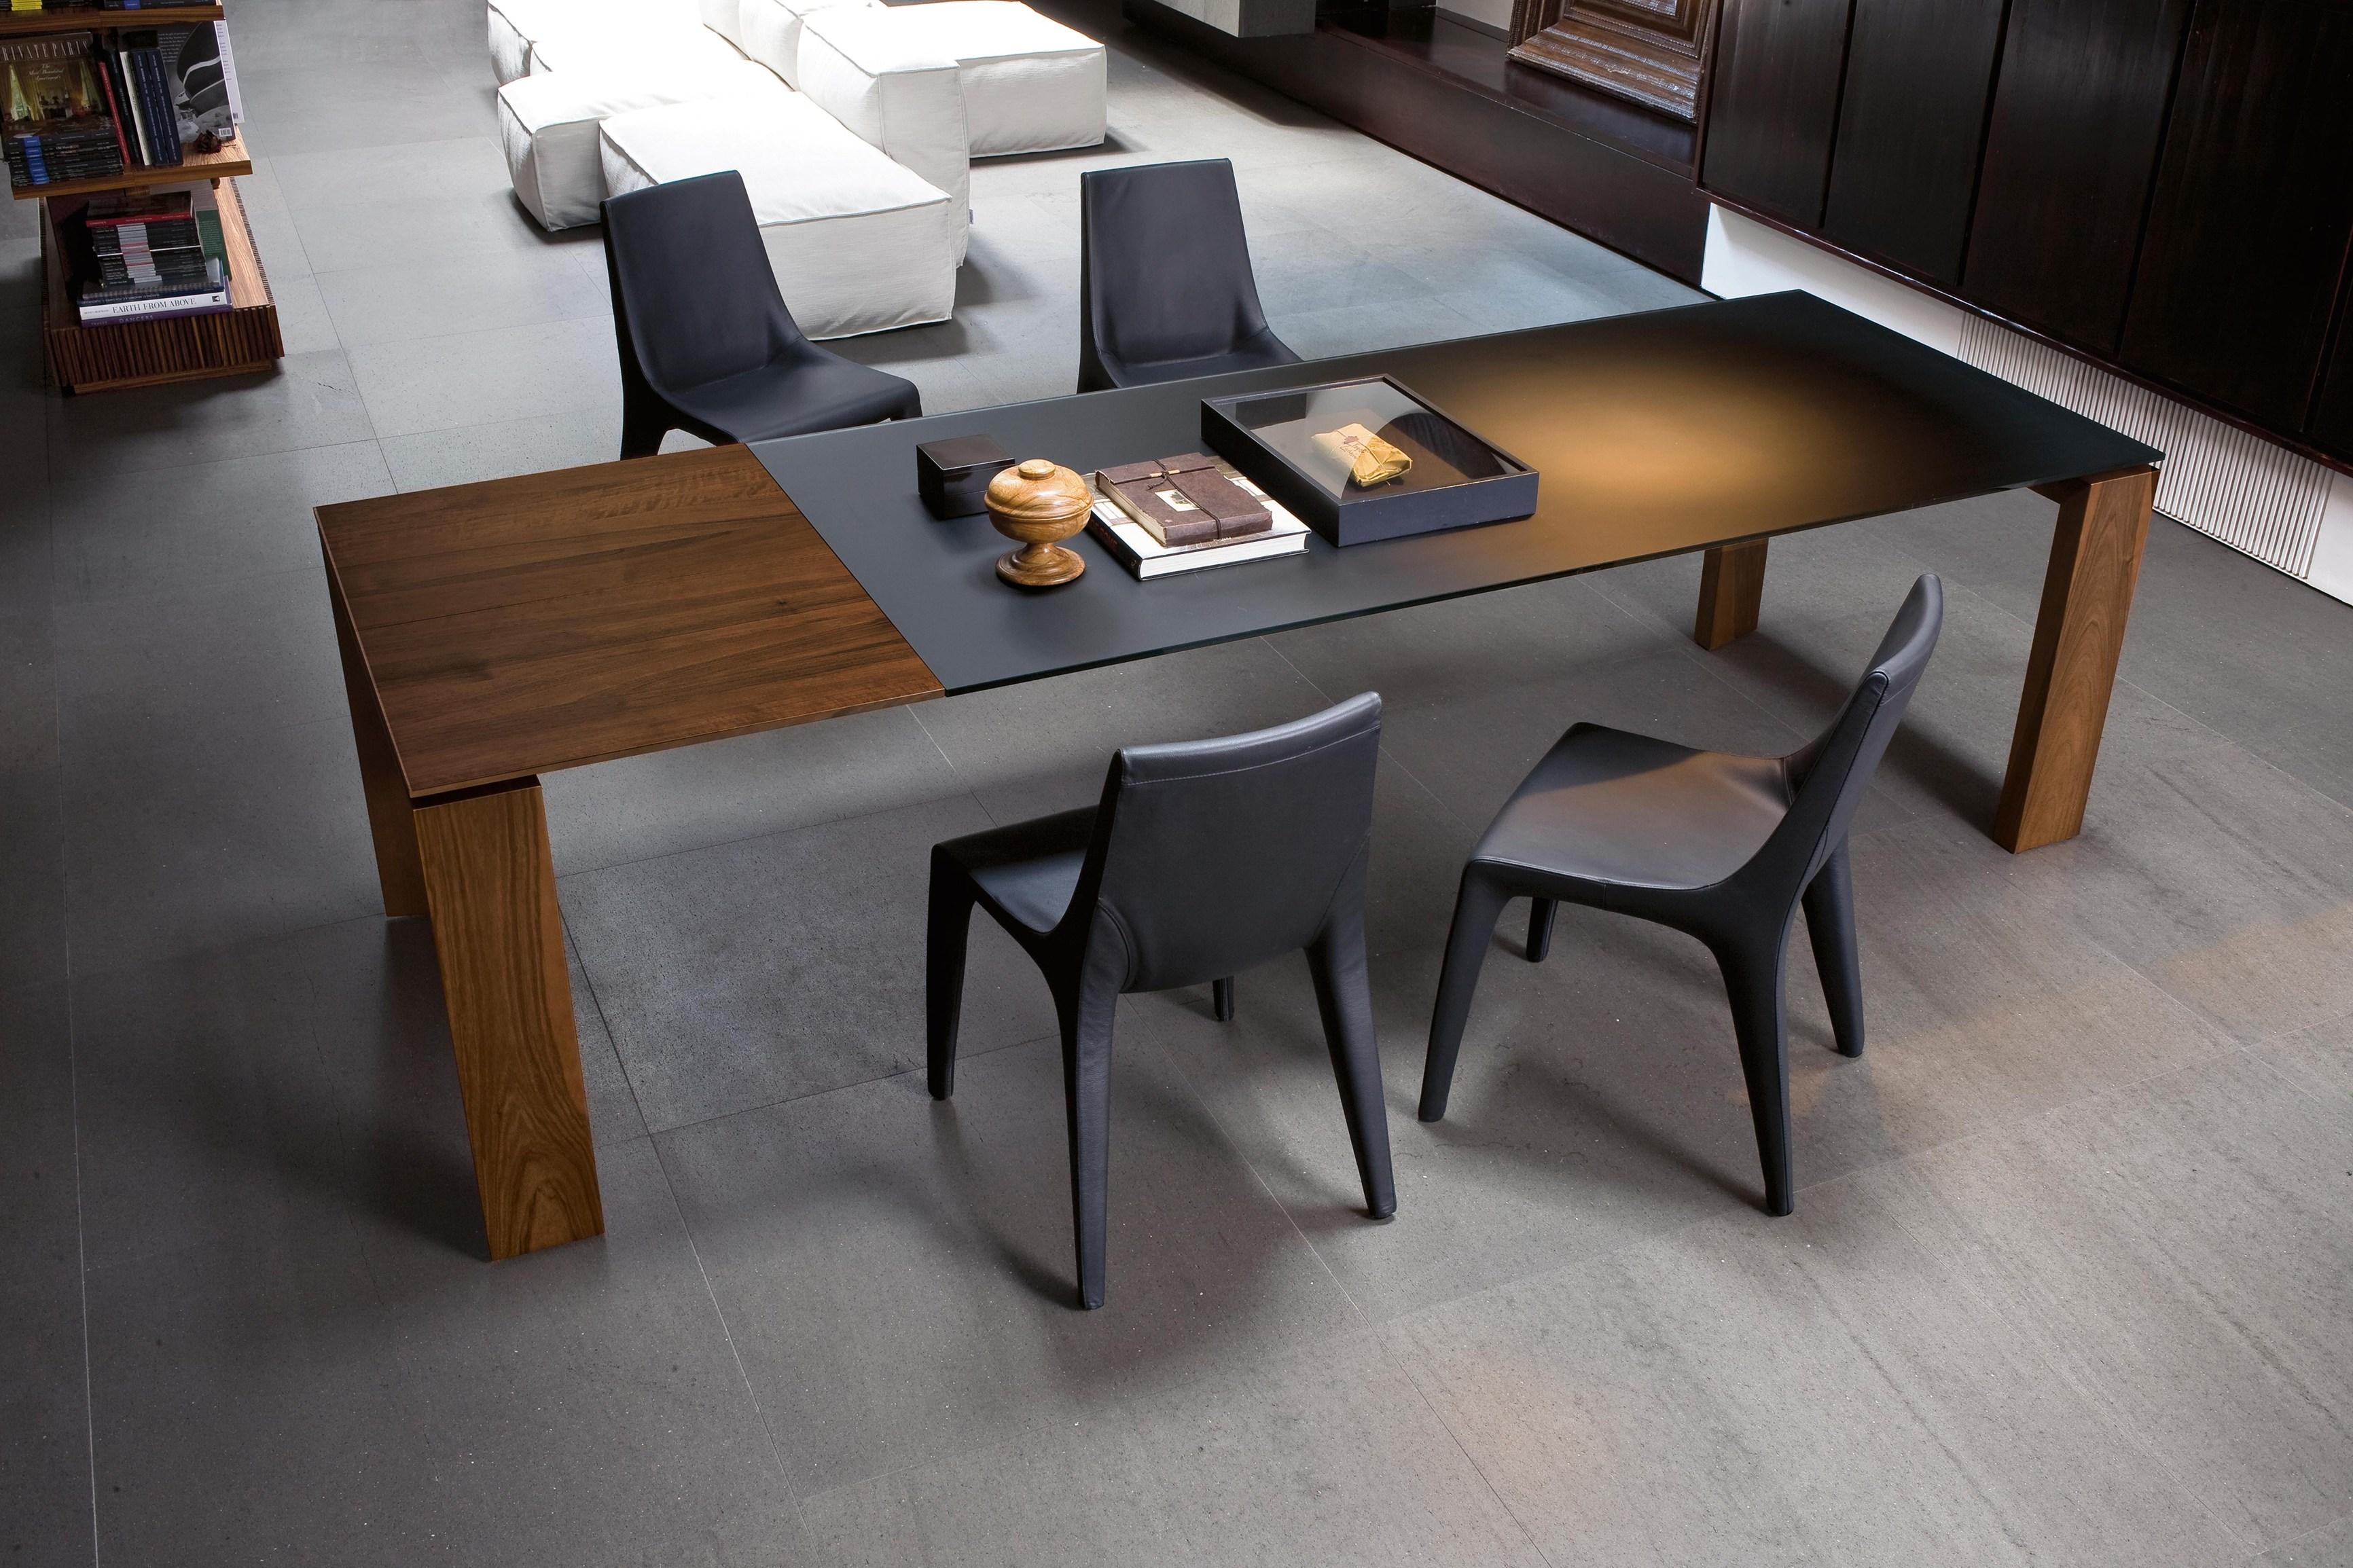 стол трансформер в гостиной дизайн фото